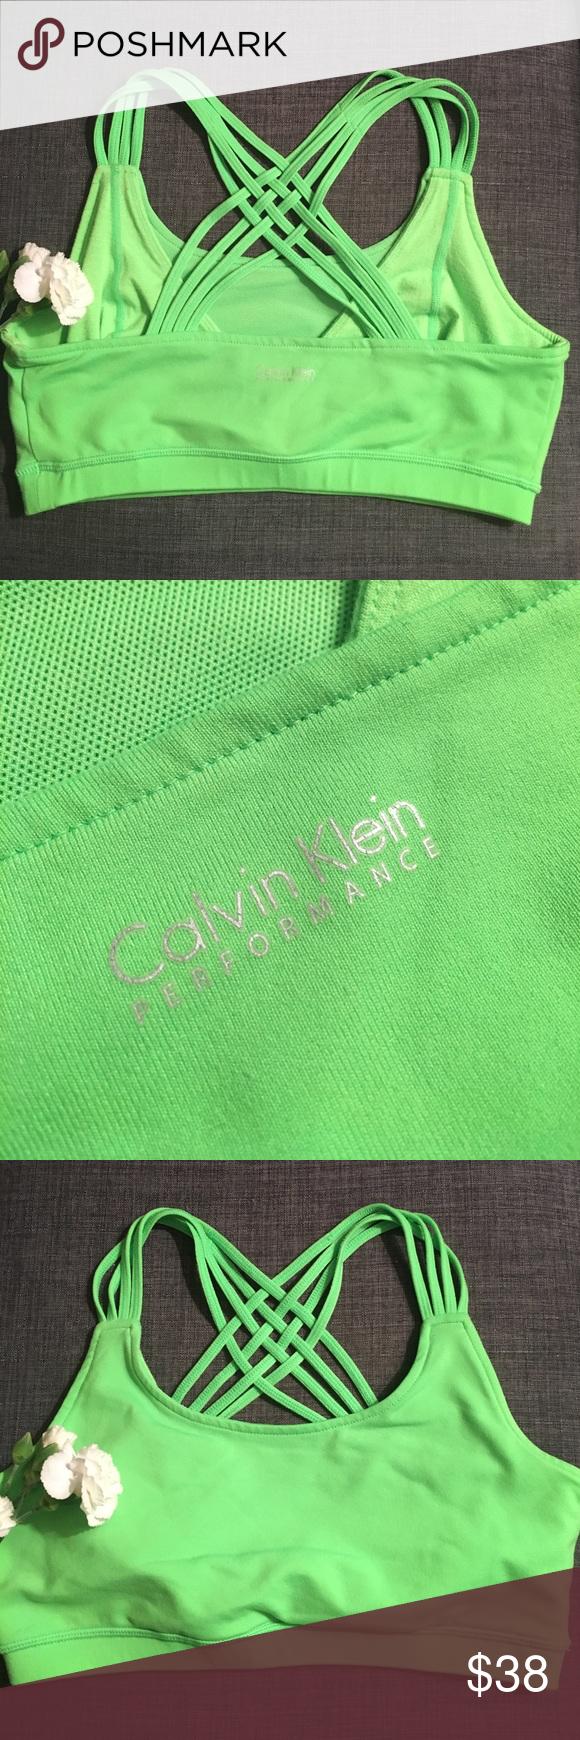 Calvin Klein bra Calvin Klein Performance bra. Bright and fun green. Layered straps. Size medium. Excellent condition. Calvin Klein Intimates & Sleepwear Bras